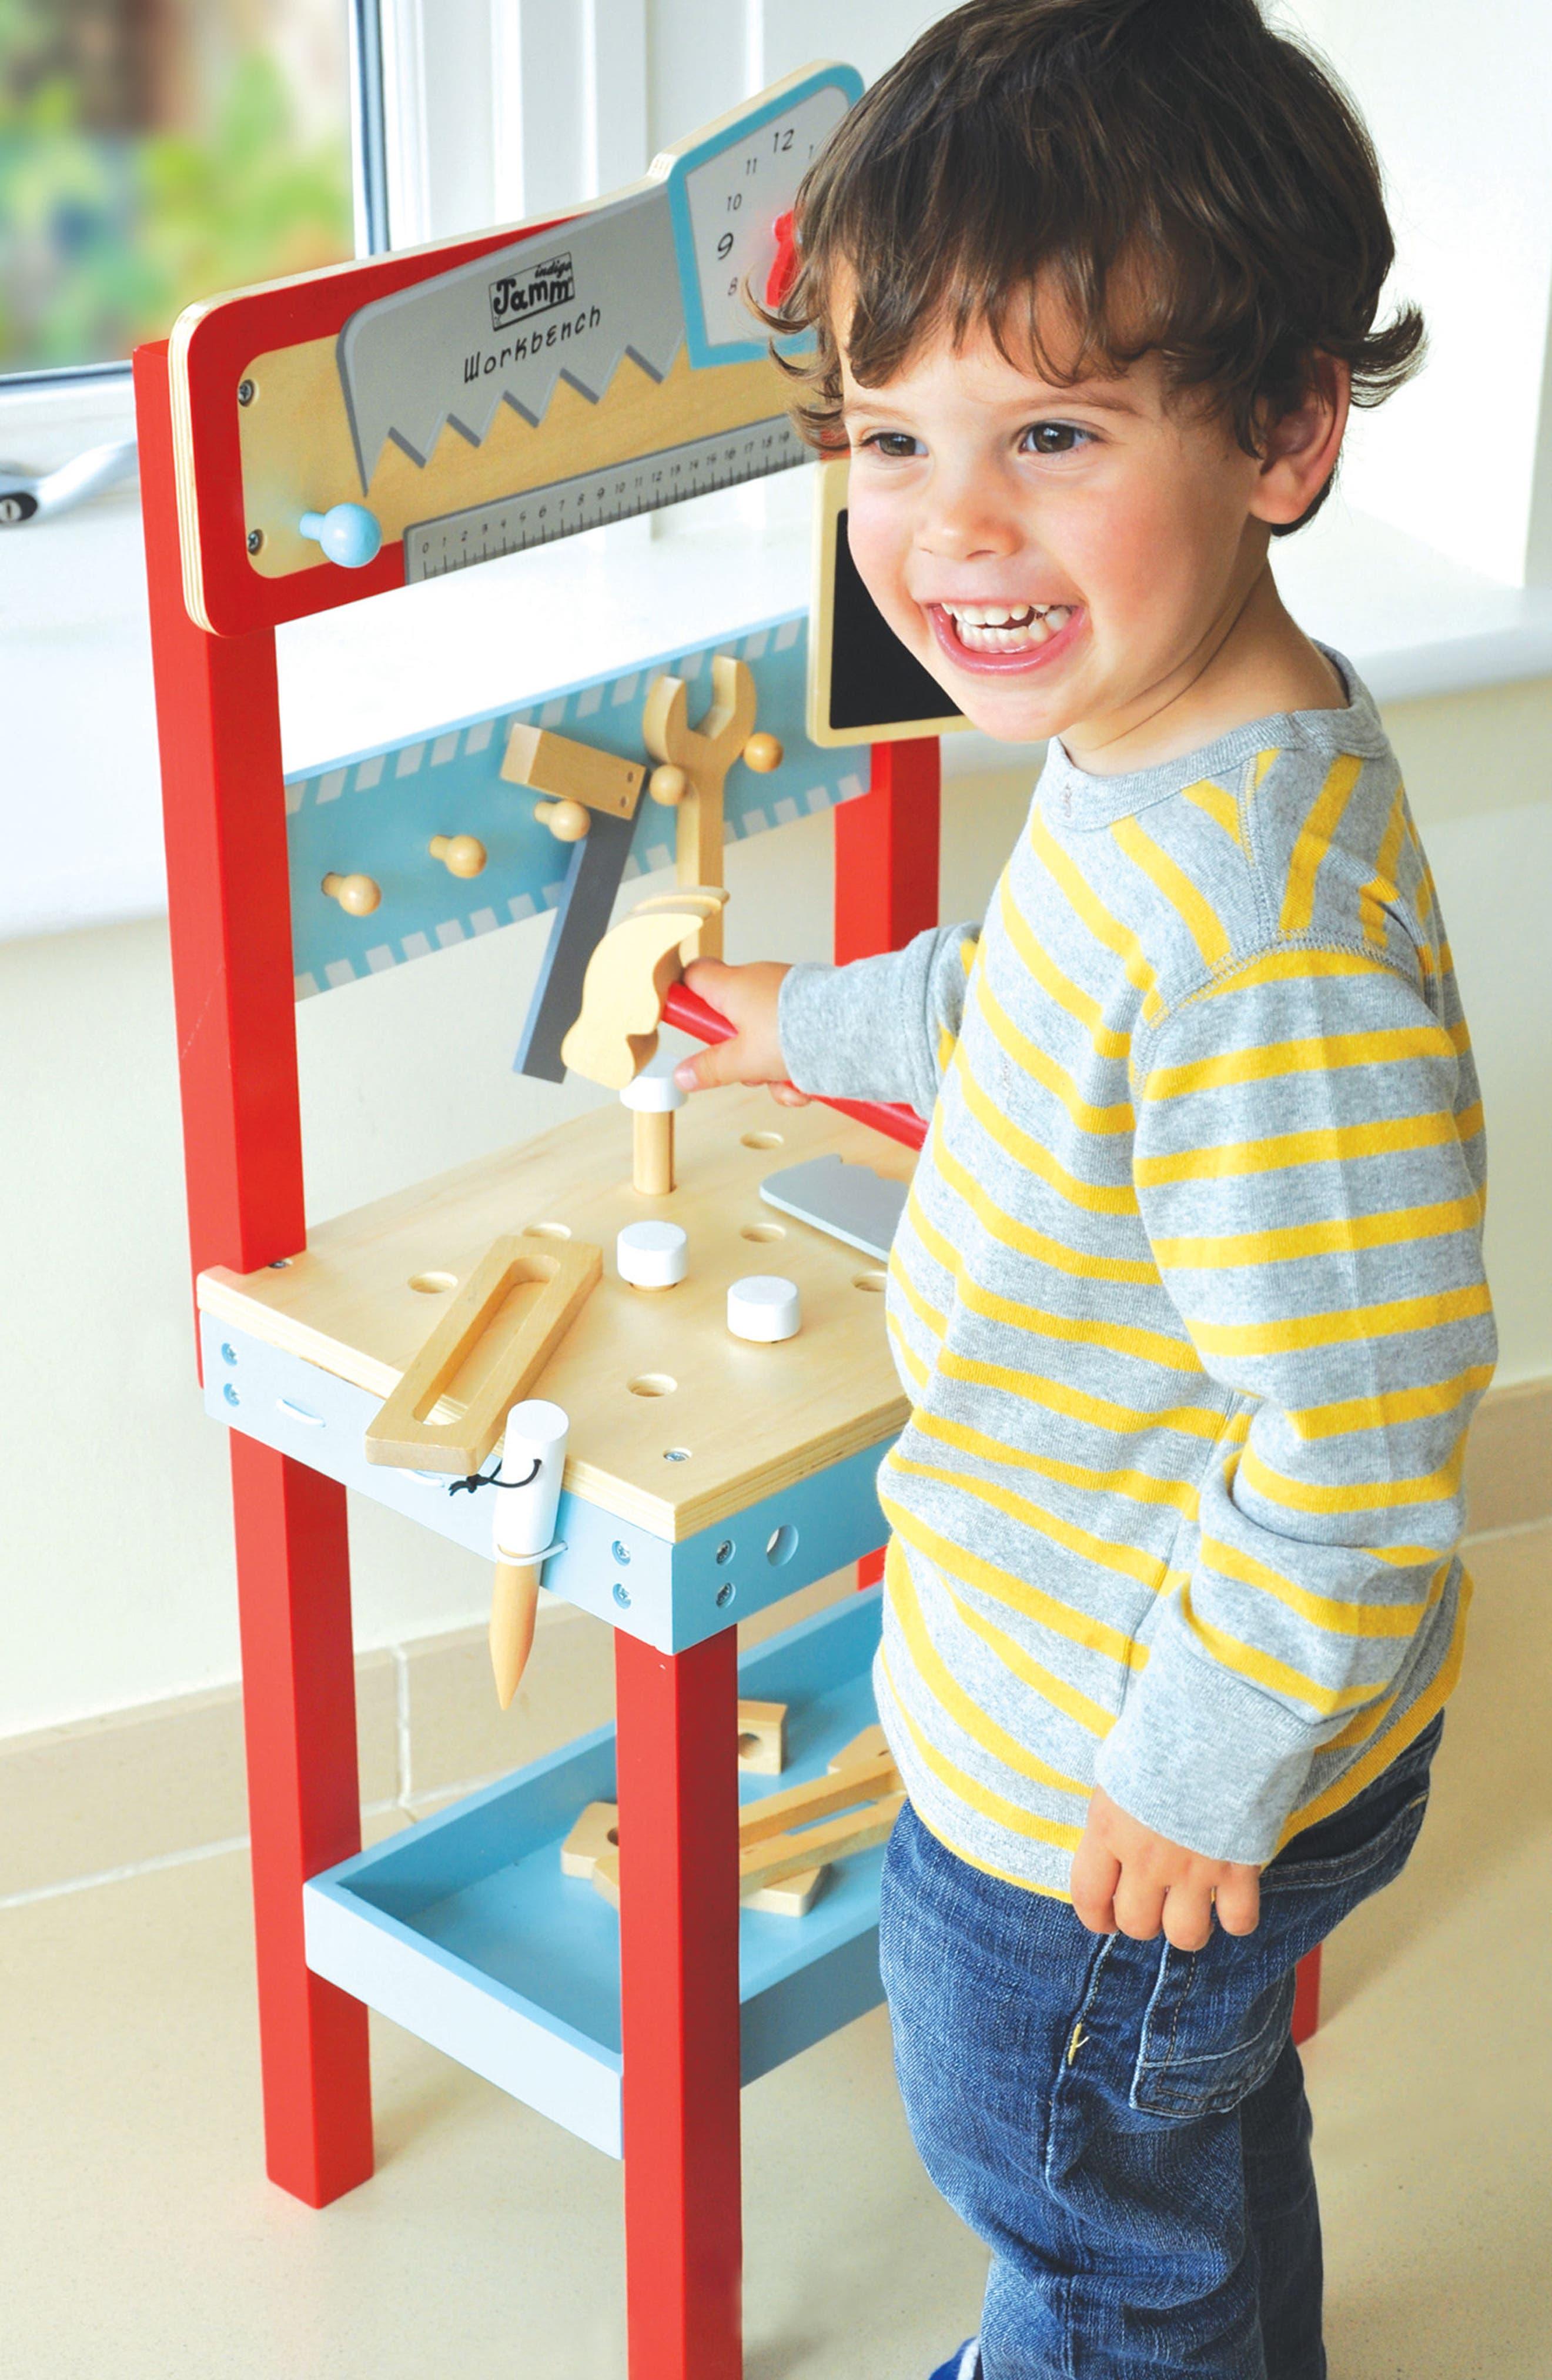 Alternate Image 2  - Indigo Jamm Little Carpenters Workbench